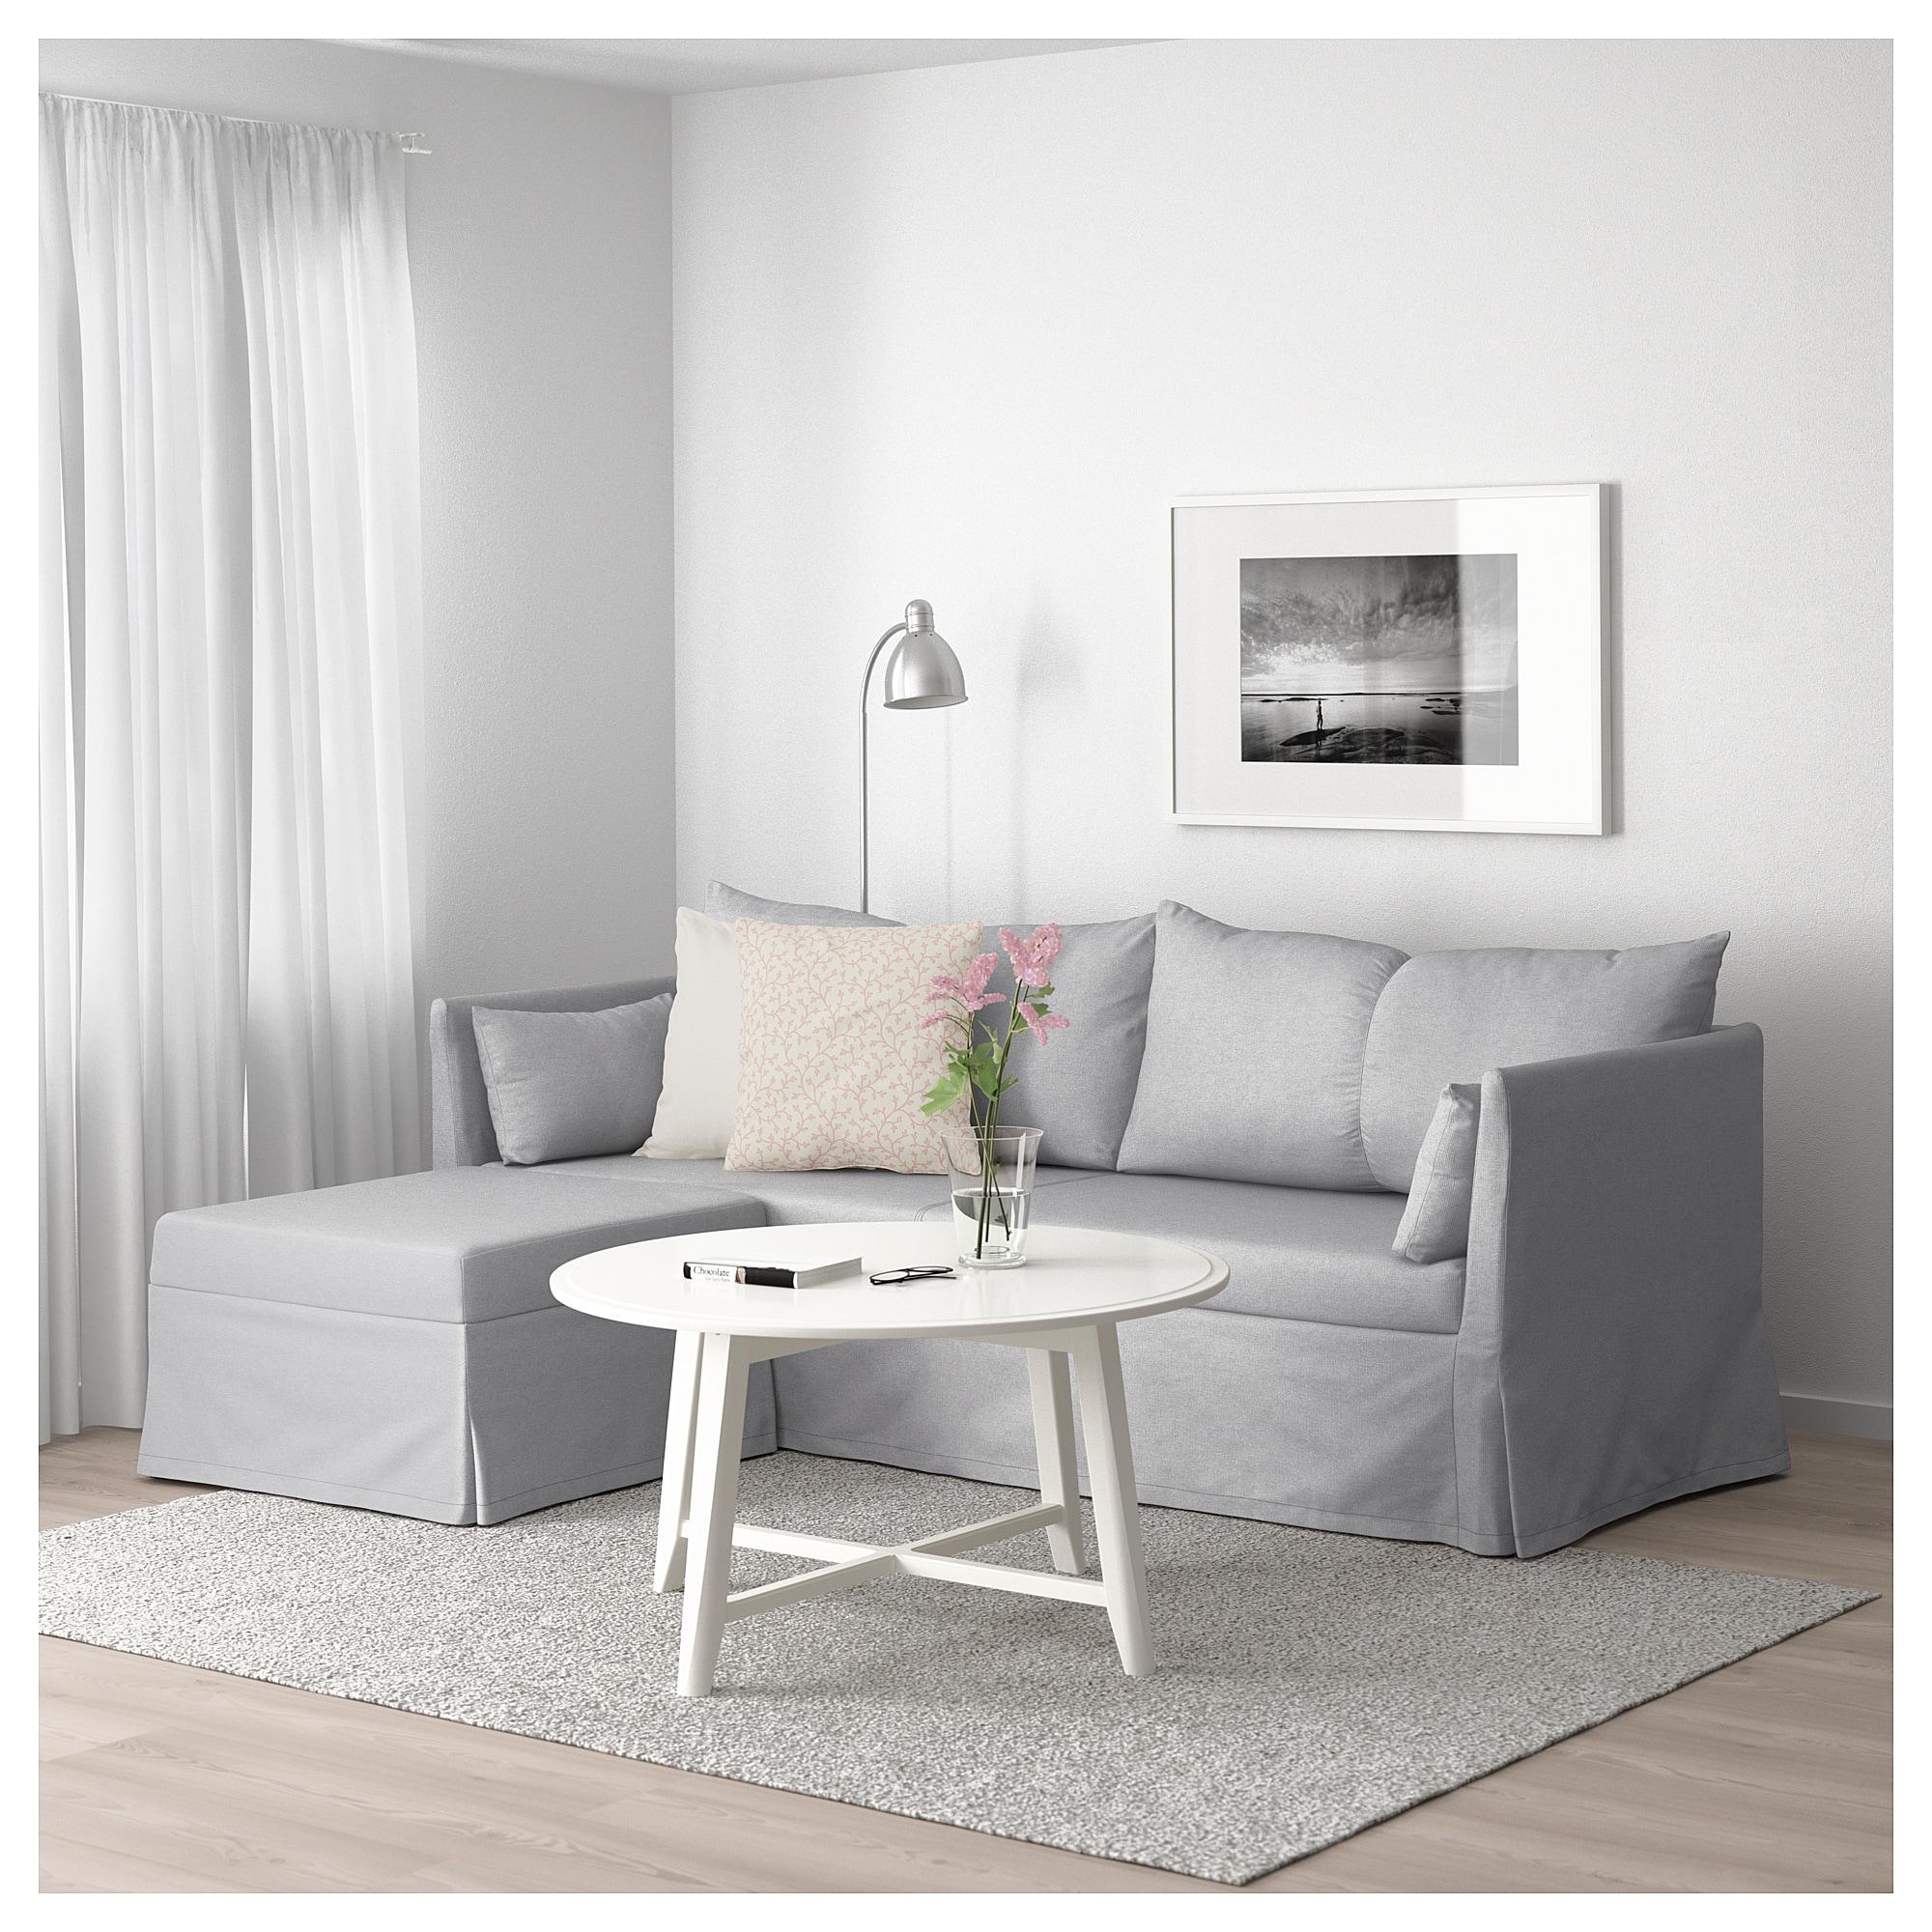 Avis sur le Bråthult et le Sandbacken IKEA – même armature, différent nom ?